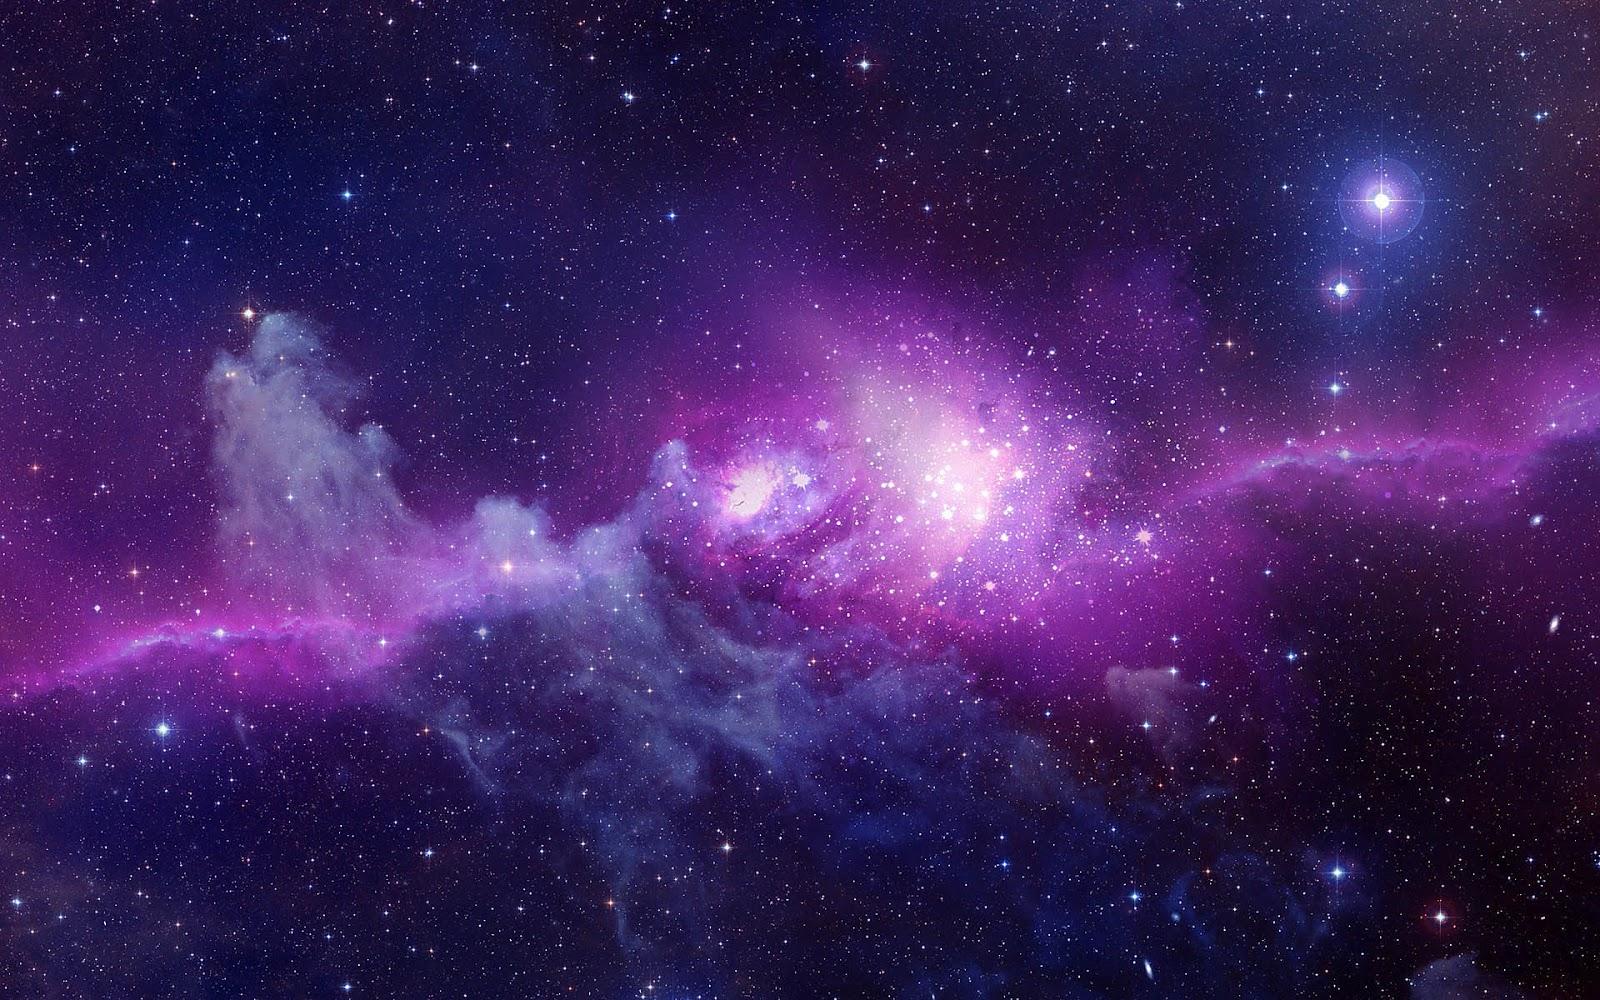 Desktop wallpaper met paarse nebula in het heelal 1600x1000